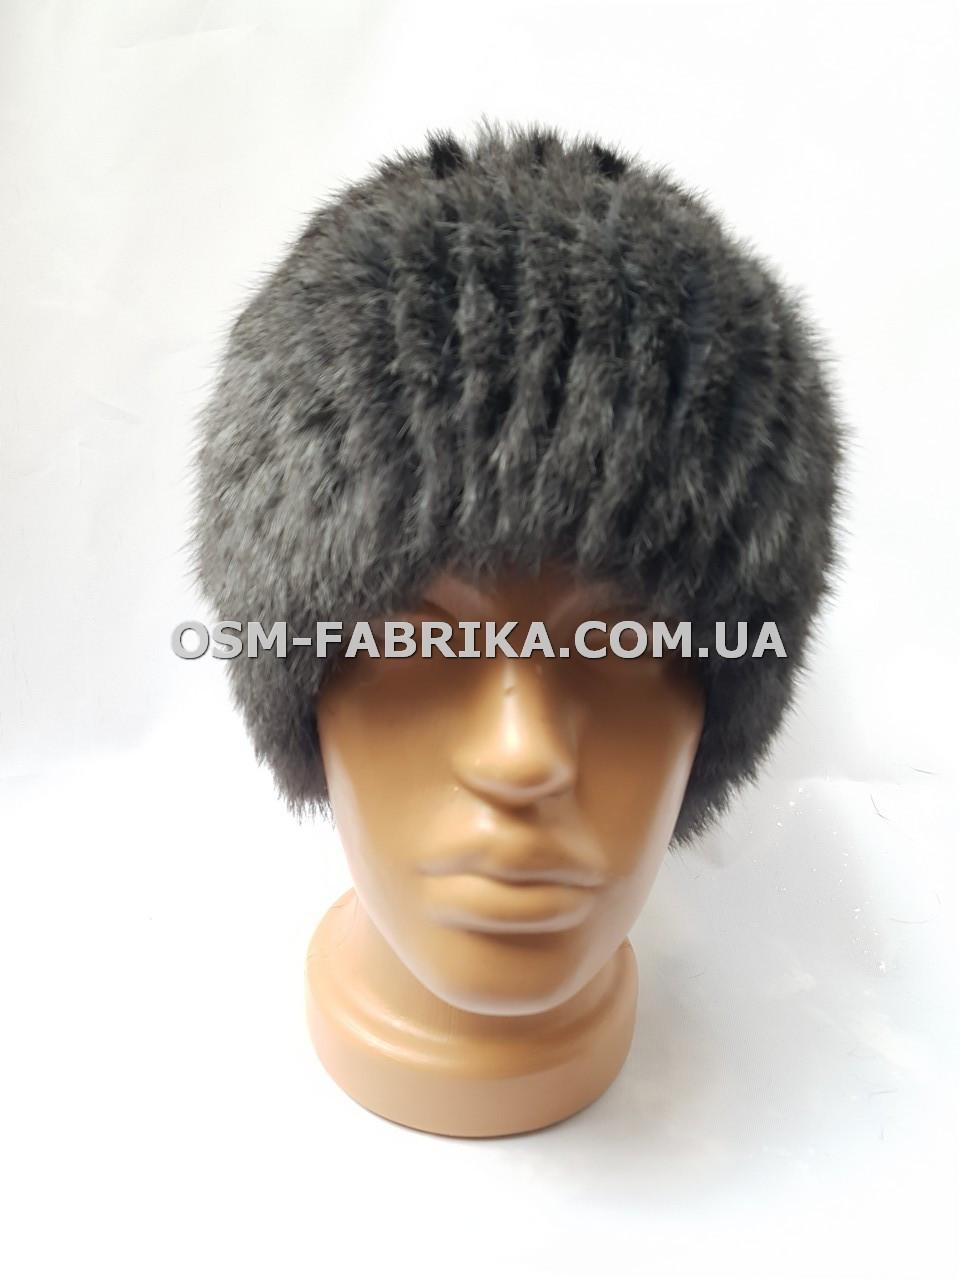 Качественная меховая шапка кролик хит продаж